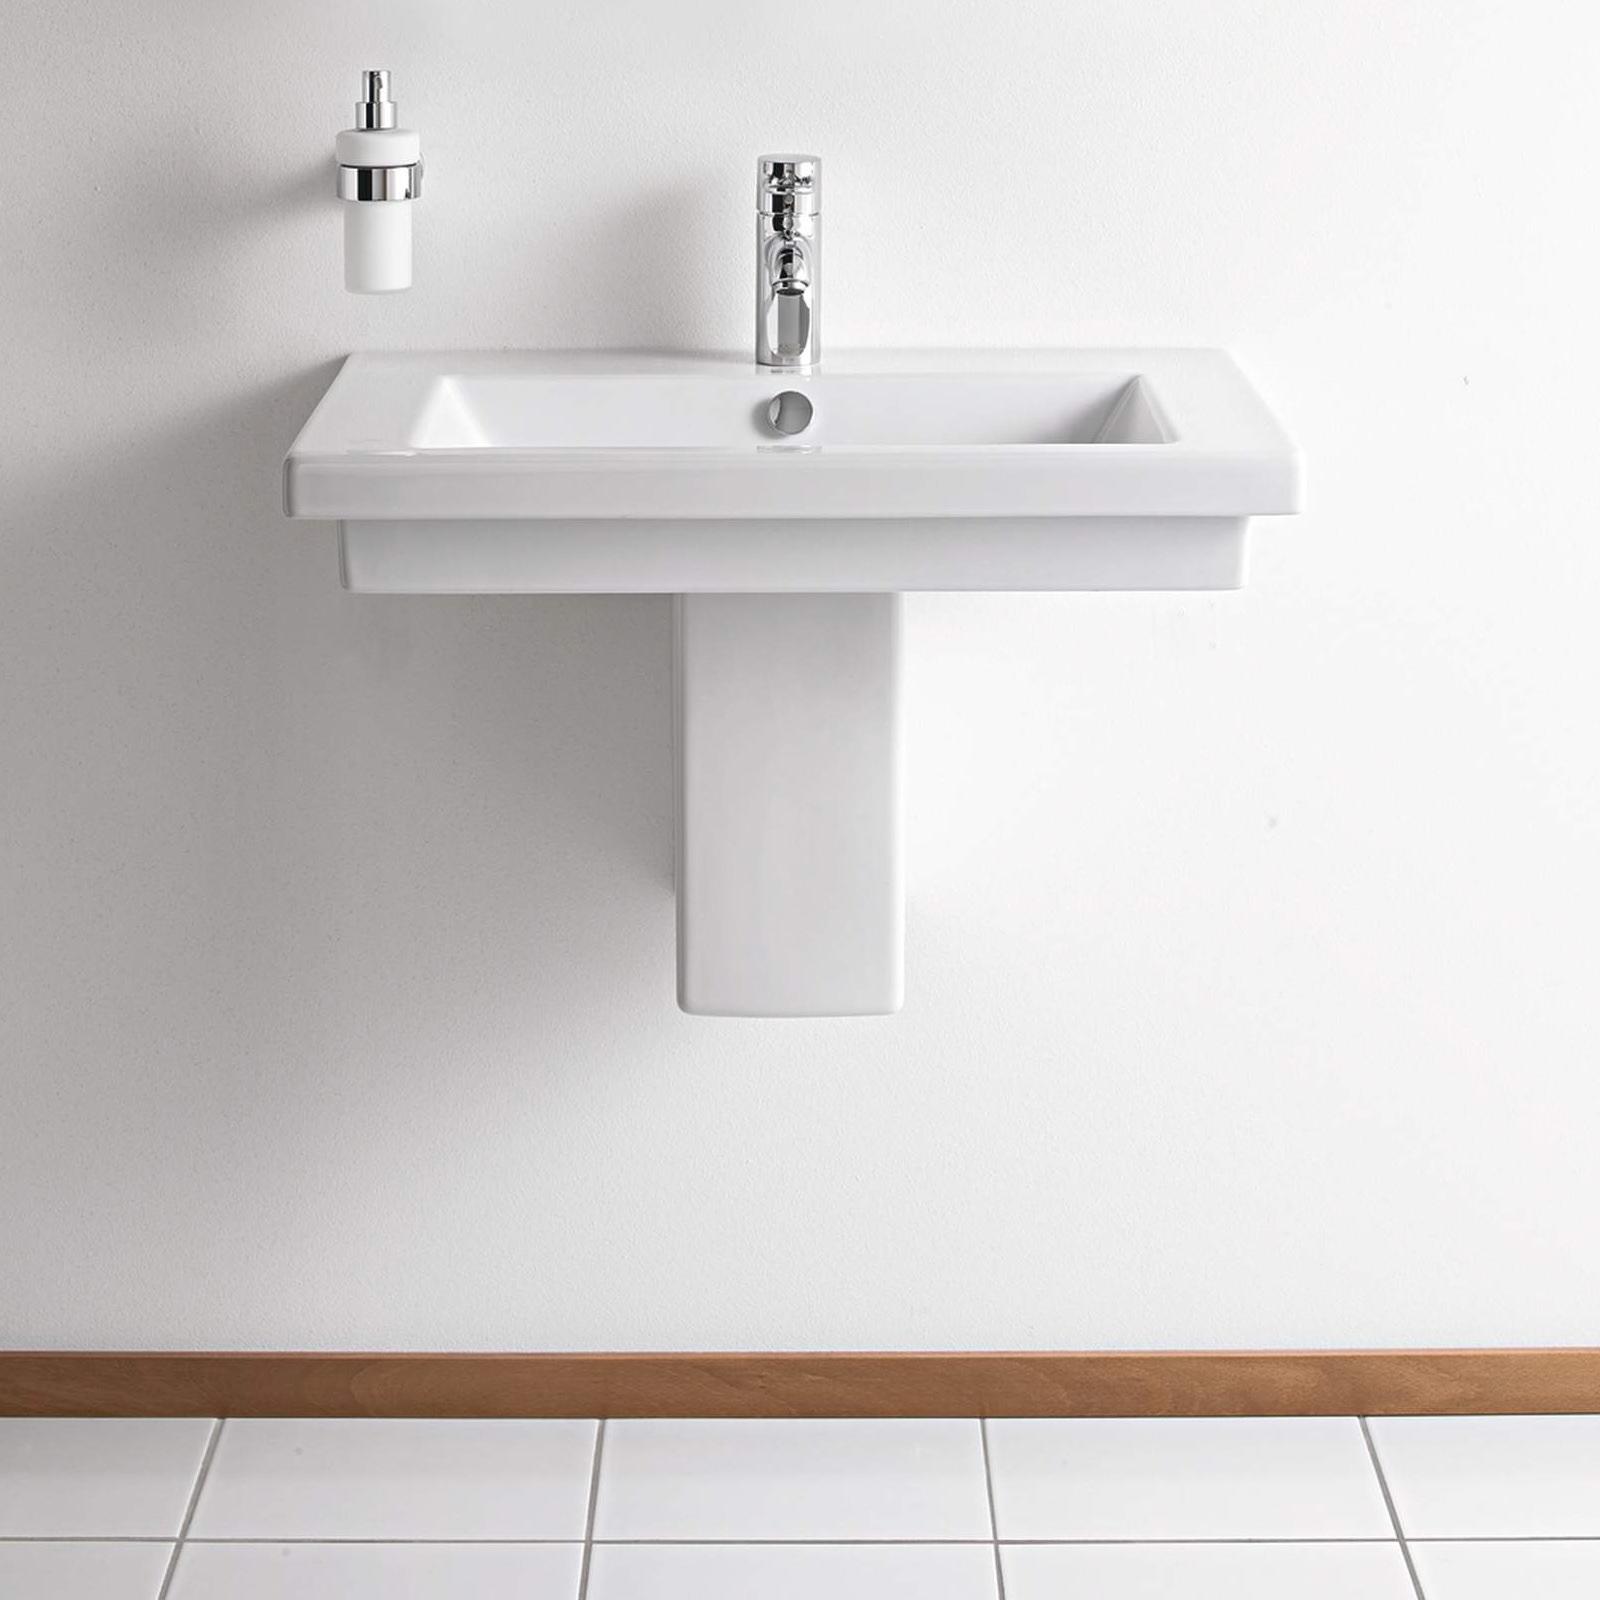 duravit 2nd floor 600 x 430mm washbasin. Black Bedroom Furniture Sets. Home Design Ideas